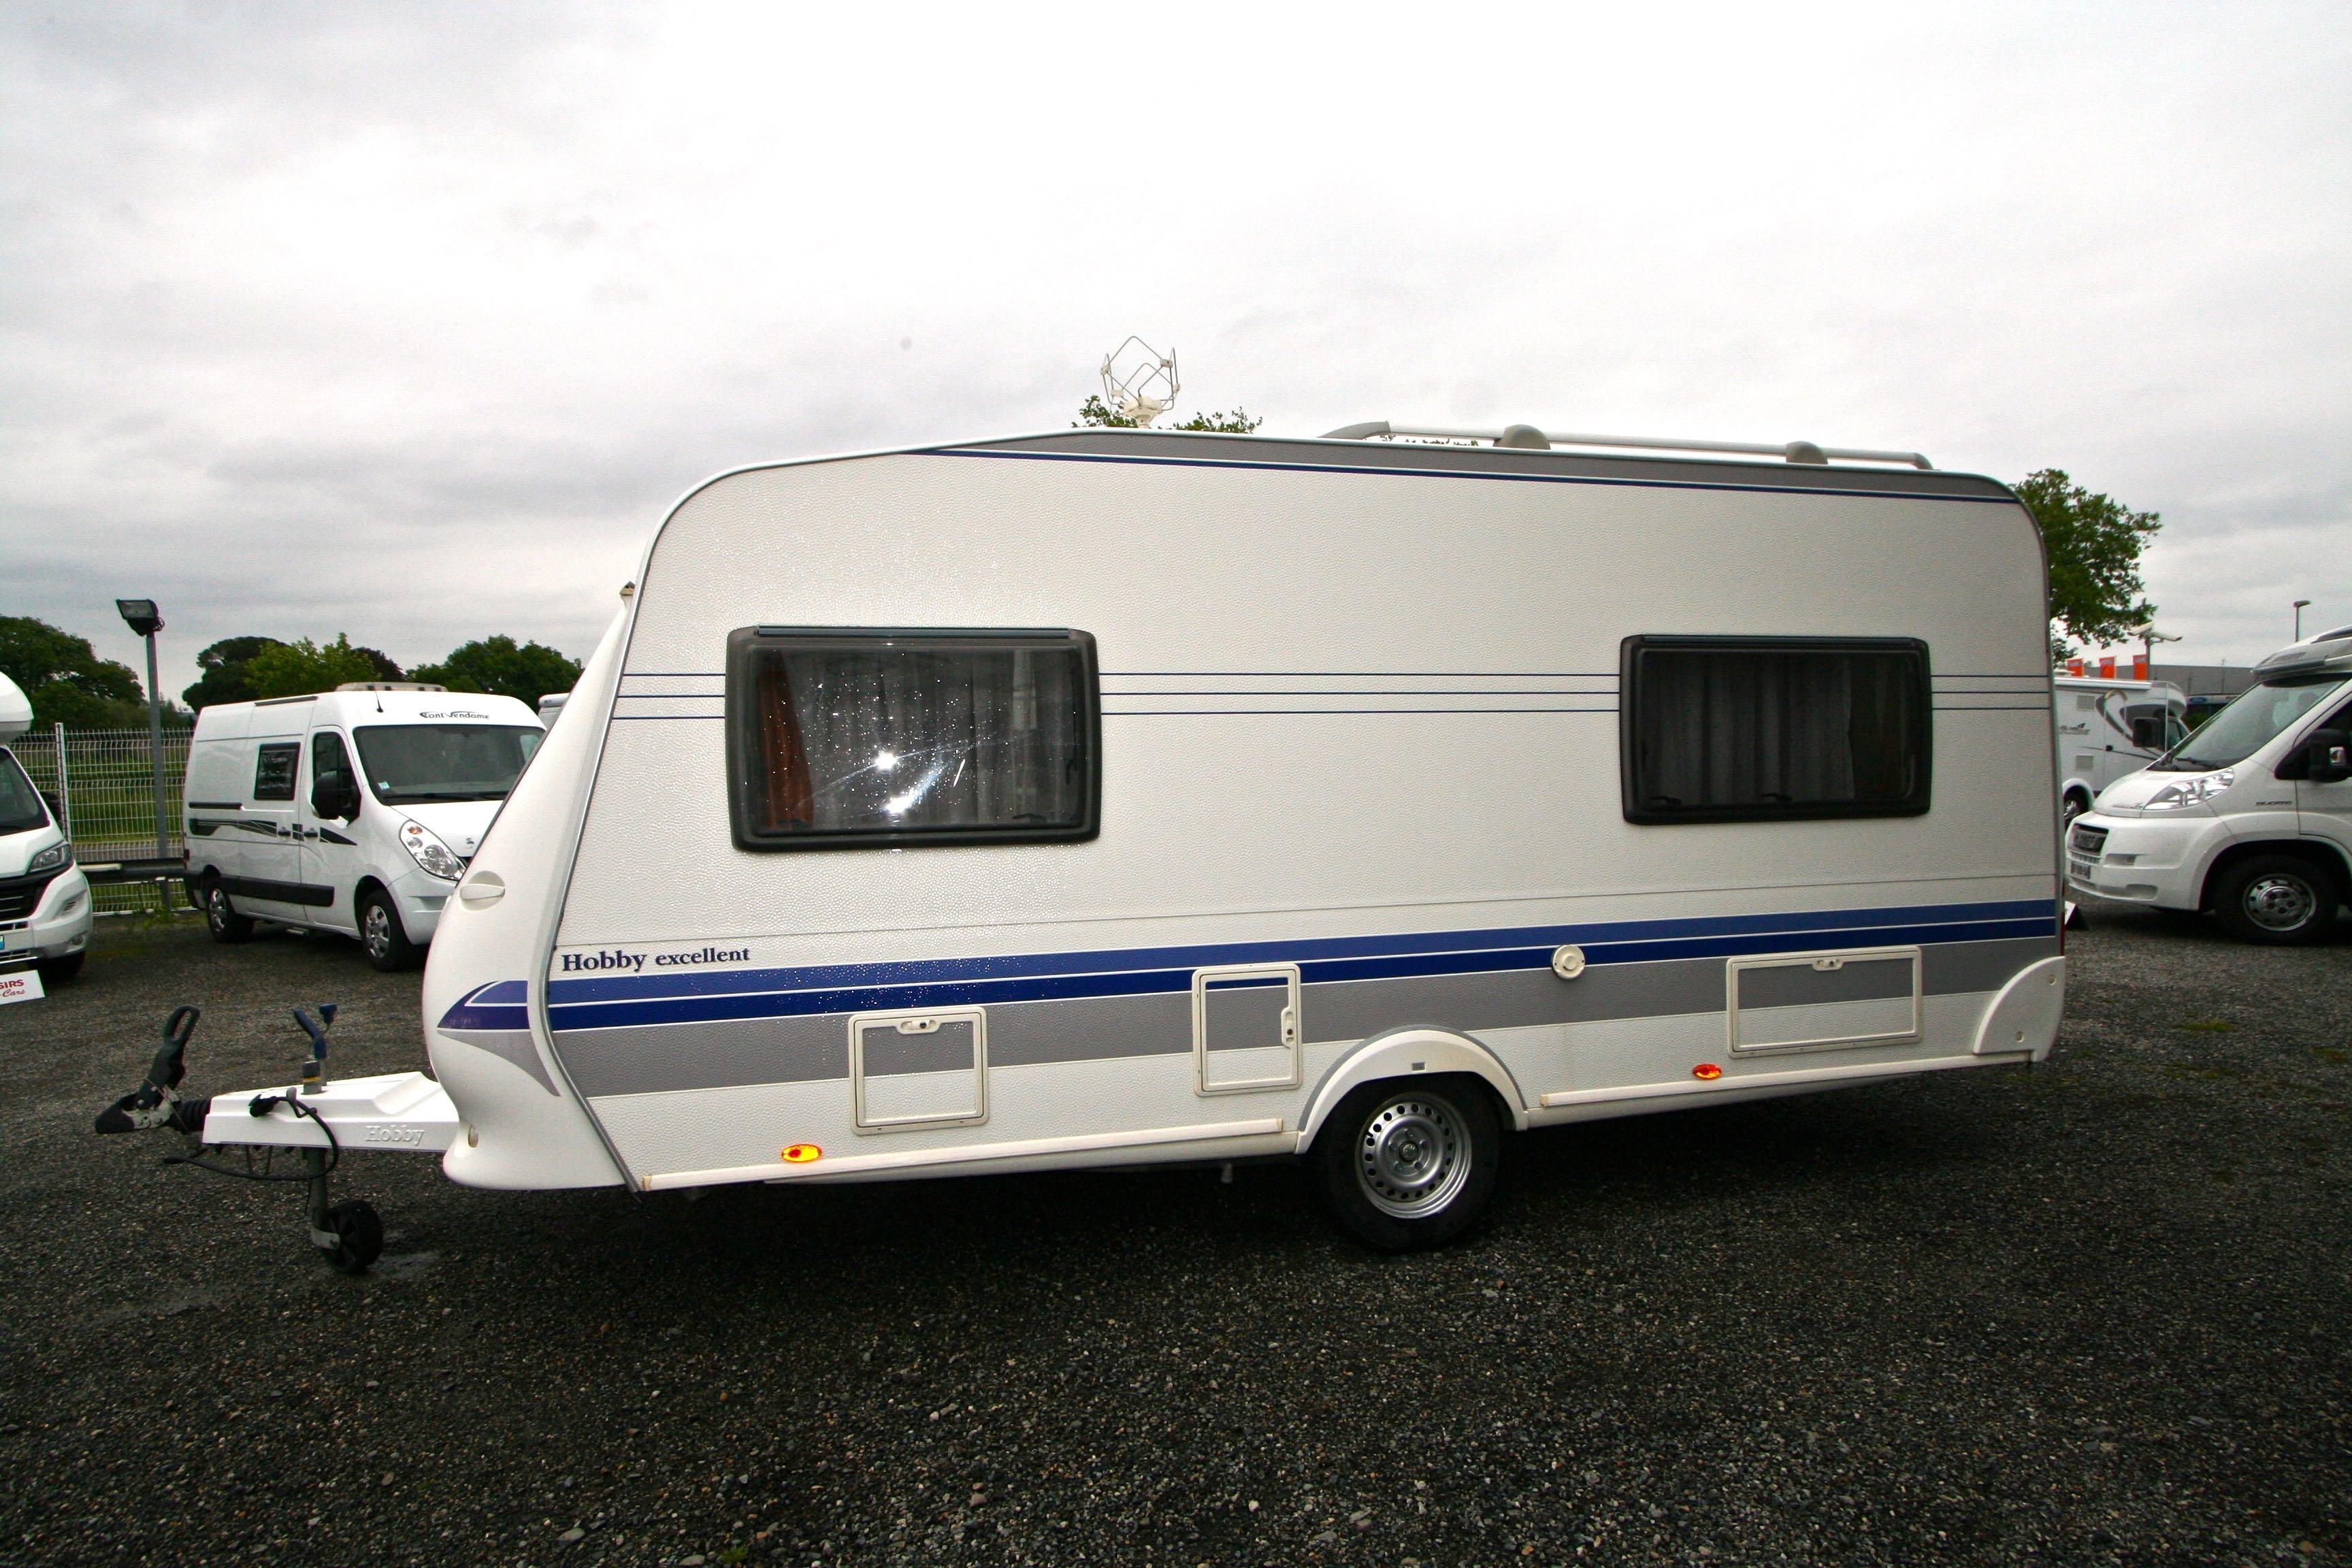 hobby 460 lu excellent occasion de 2008 caravane en vente roques sur garonne haute garonne. Black Bedroom Furniture Sets. Home Design Ideas